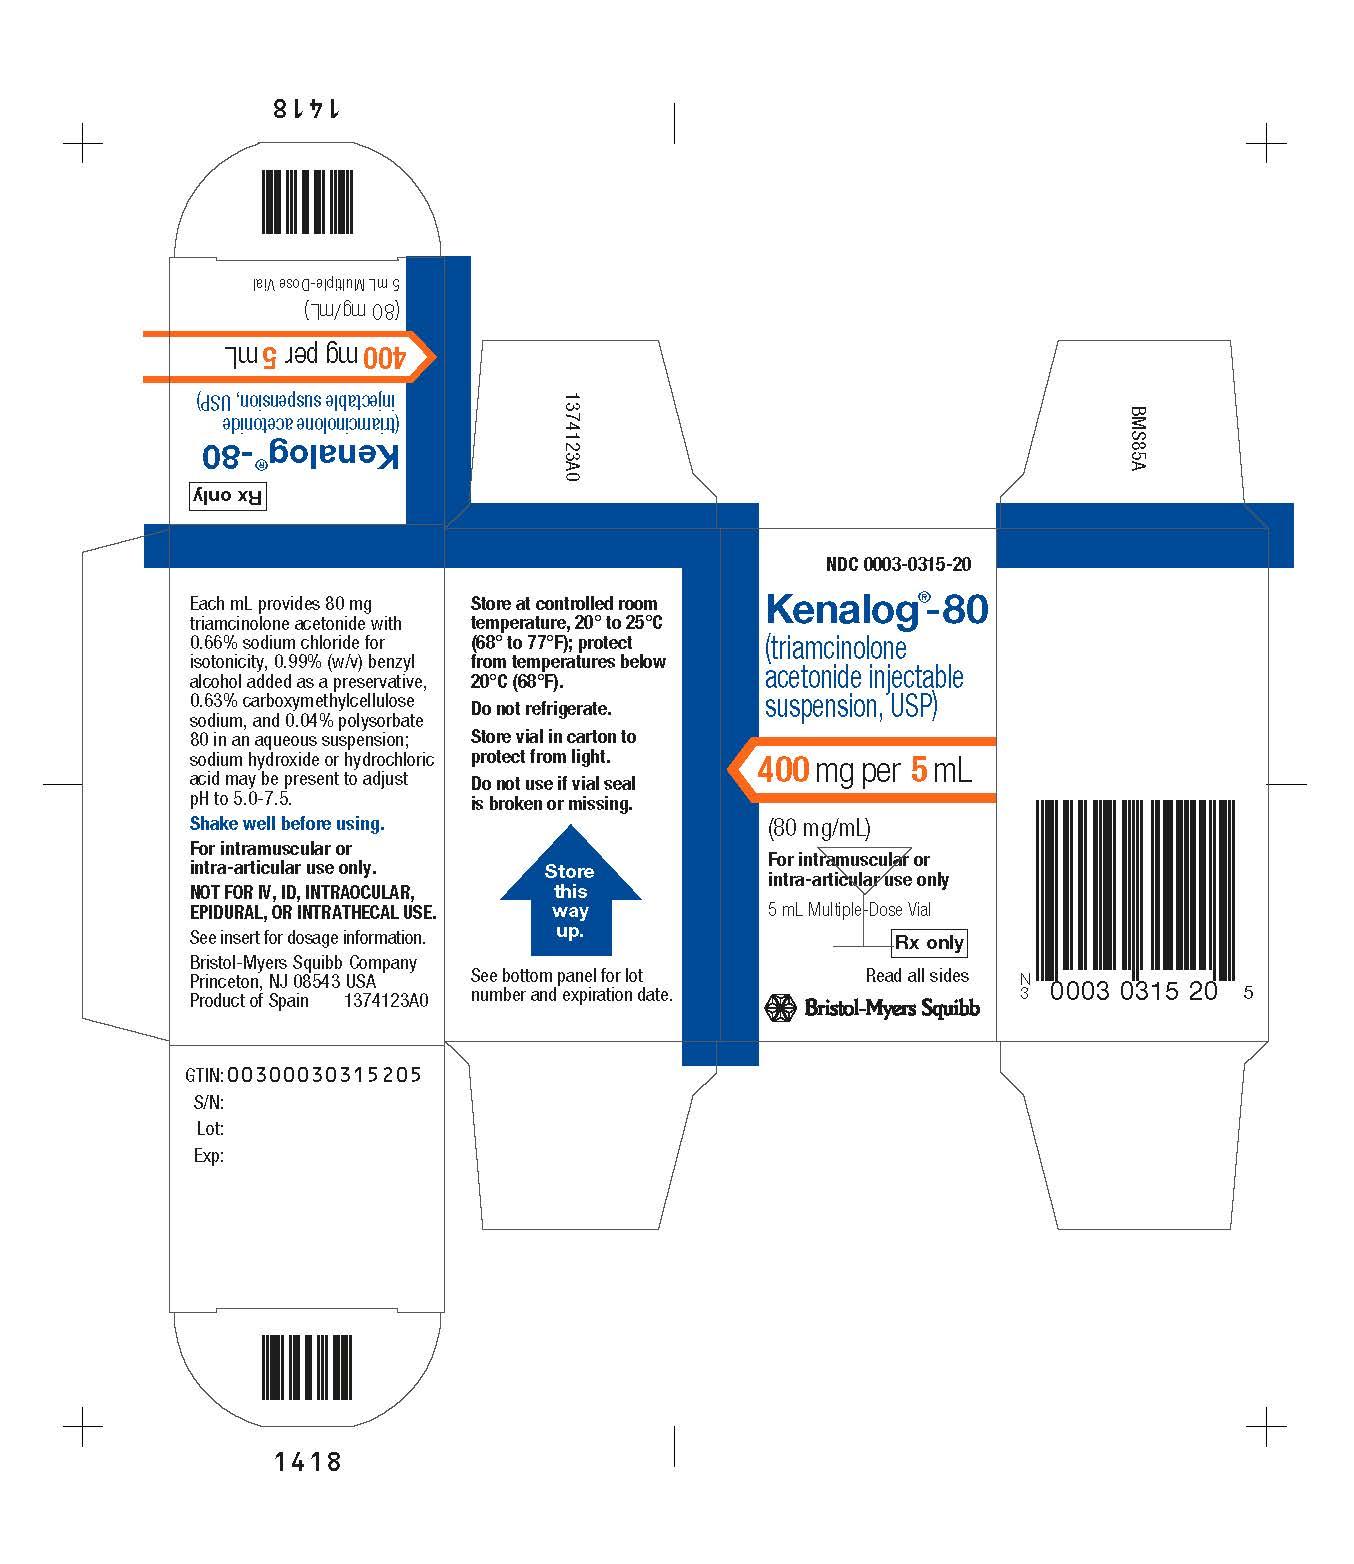 Image Kenalog-80  5 mL Carton Label